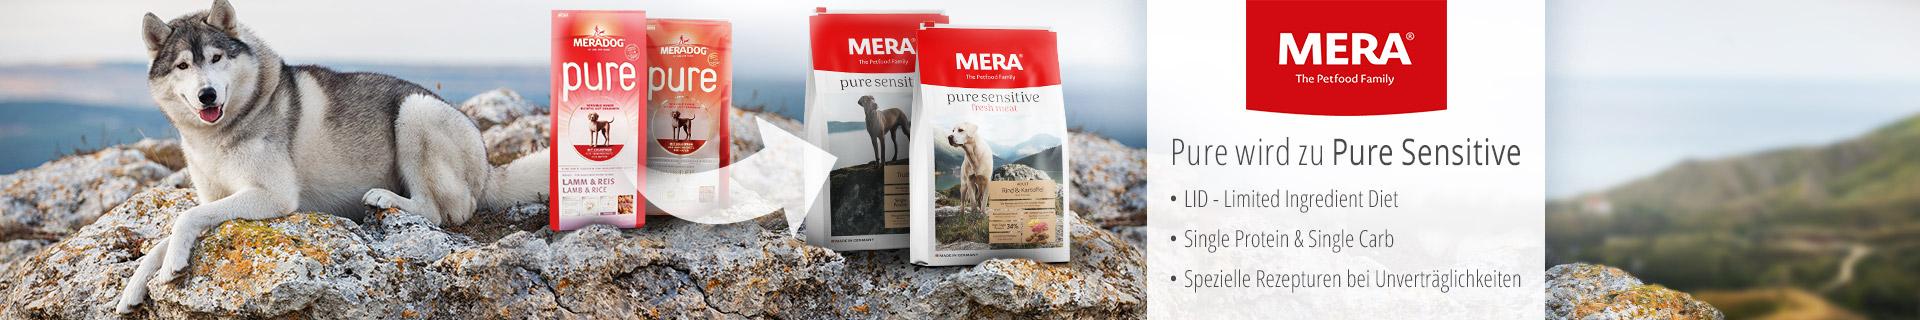 MERA Pure wird zu Pure Sensitiv